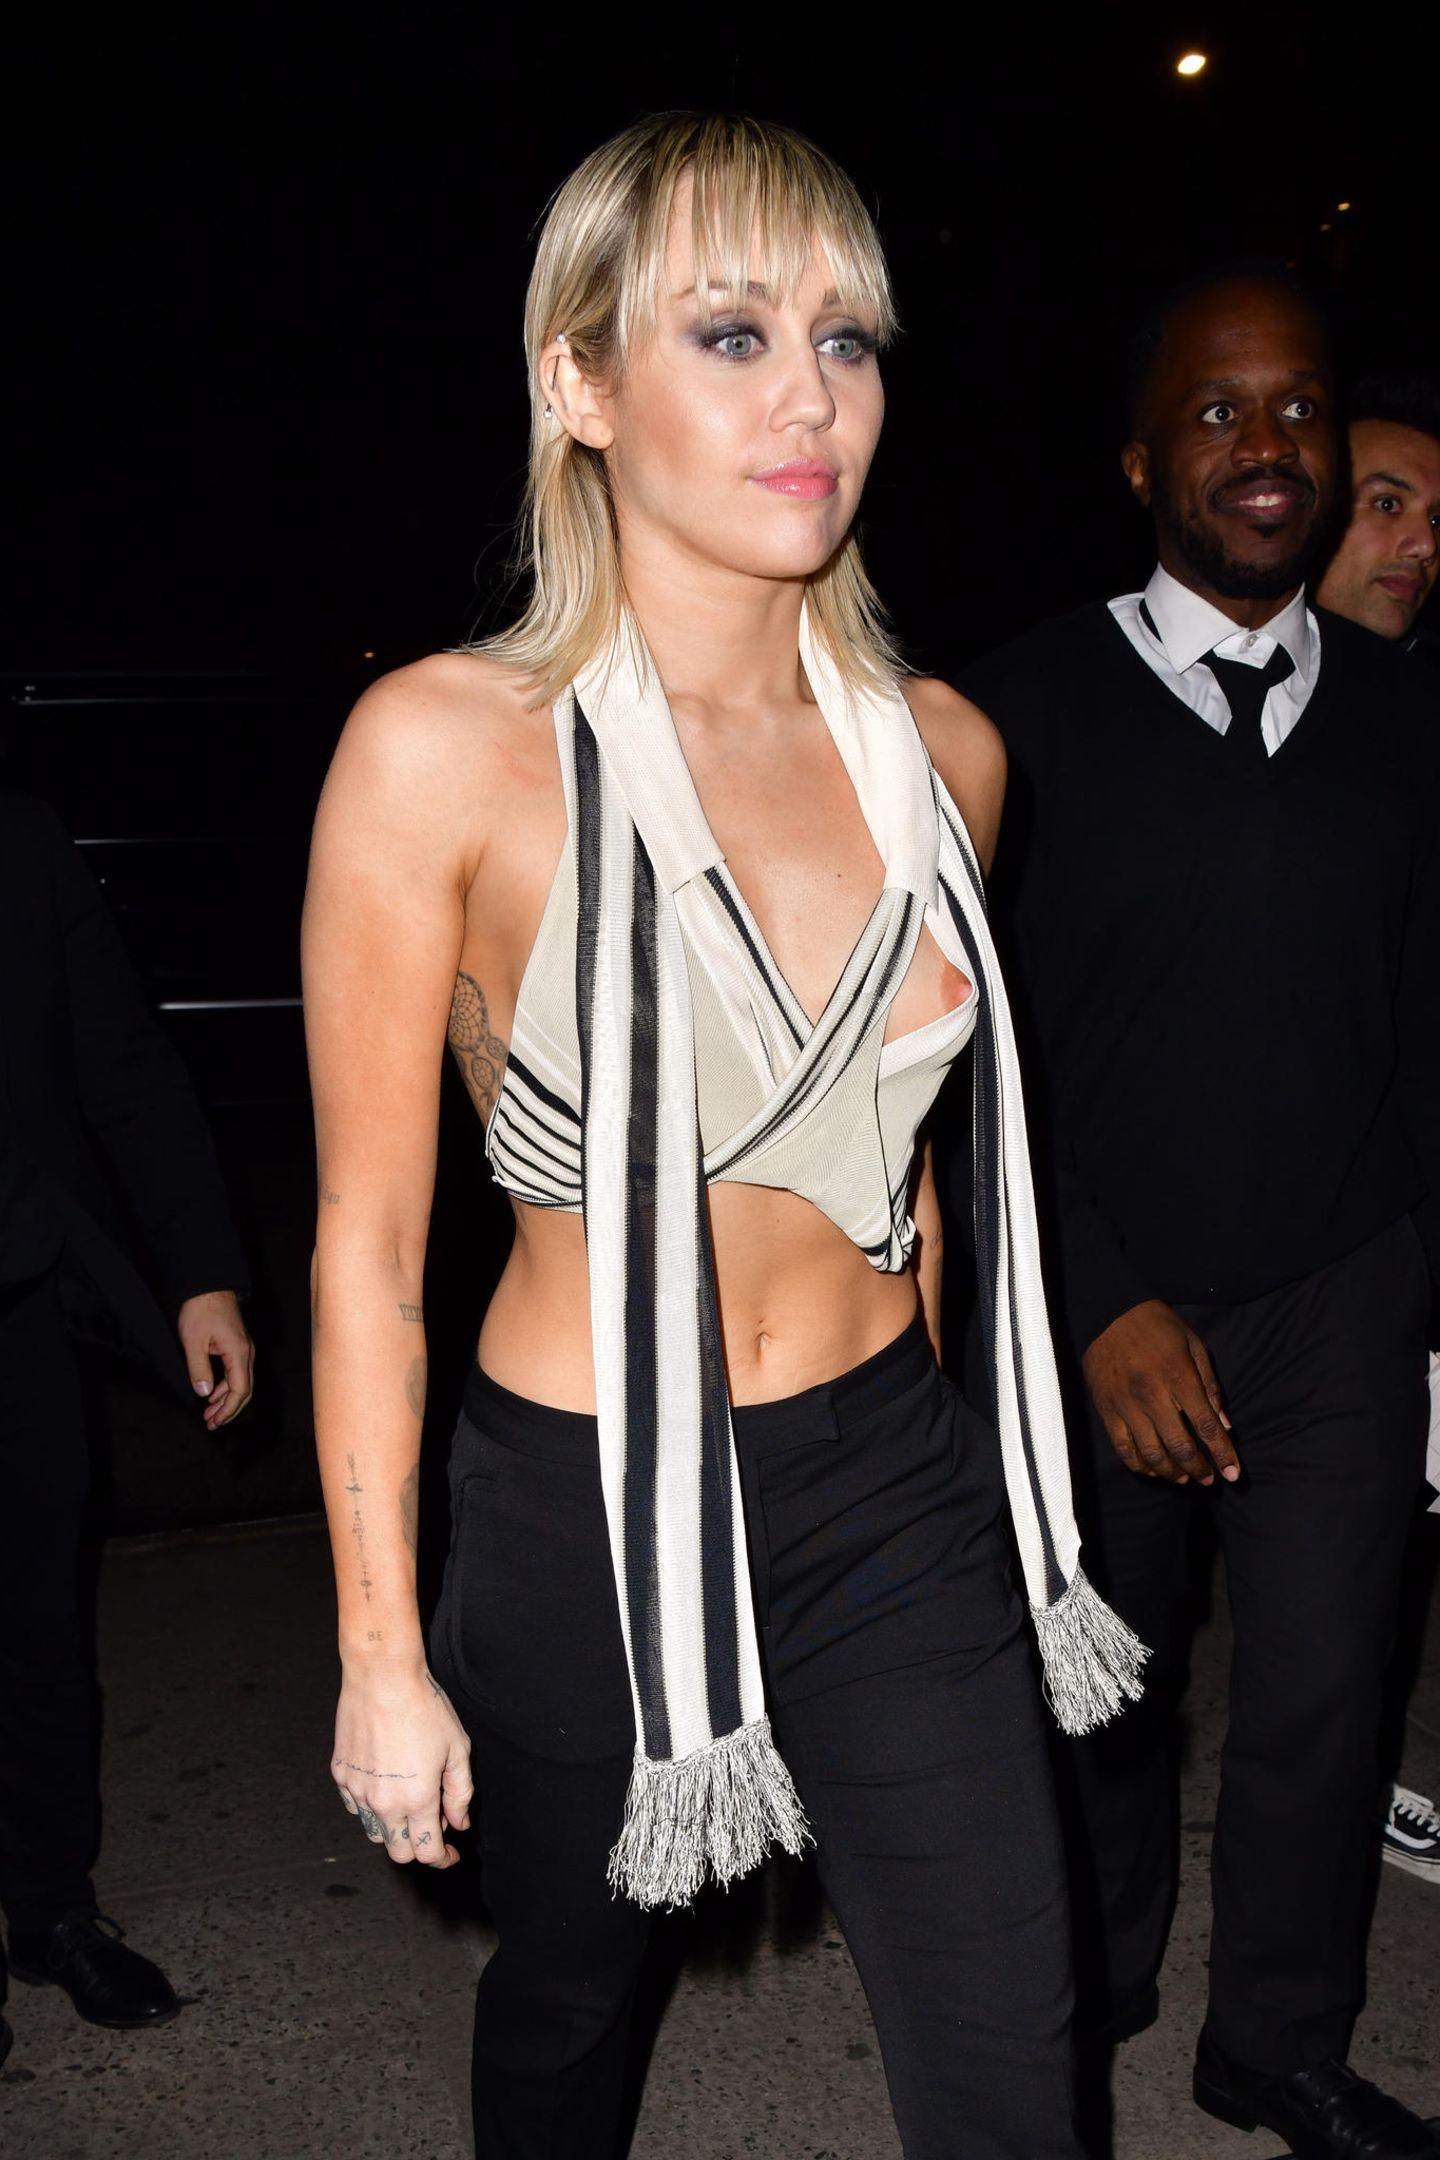 Ob das so geplant war? Miley Cyrus' Oberteil hatte genug von der Fashion Week in New York und verabschiedete sich Richtung Bauchnabel. Immerhin hat sie es mit Selbstbewusstsein getragen.